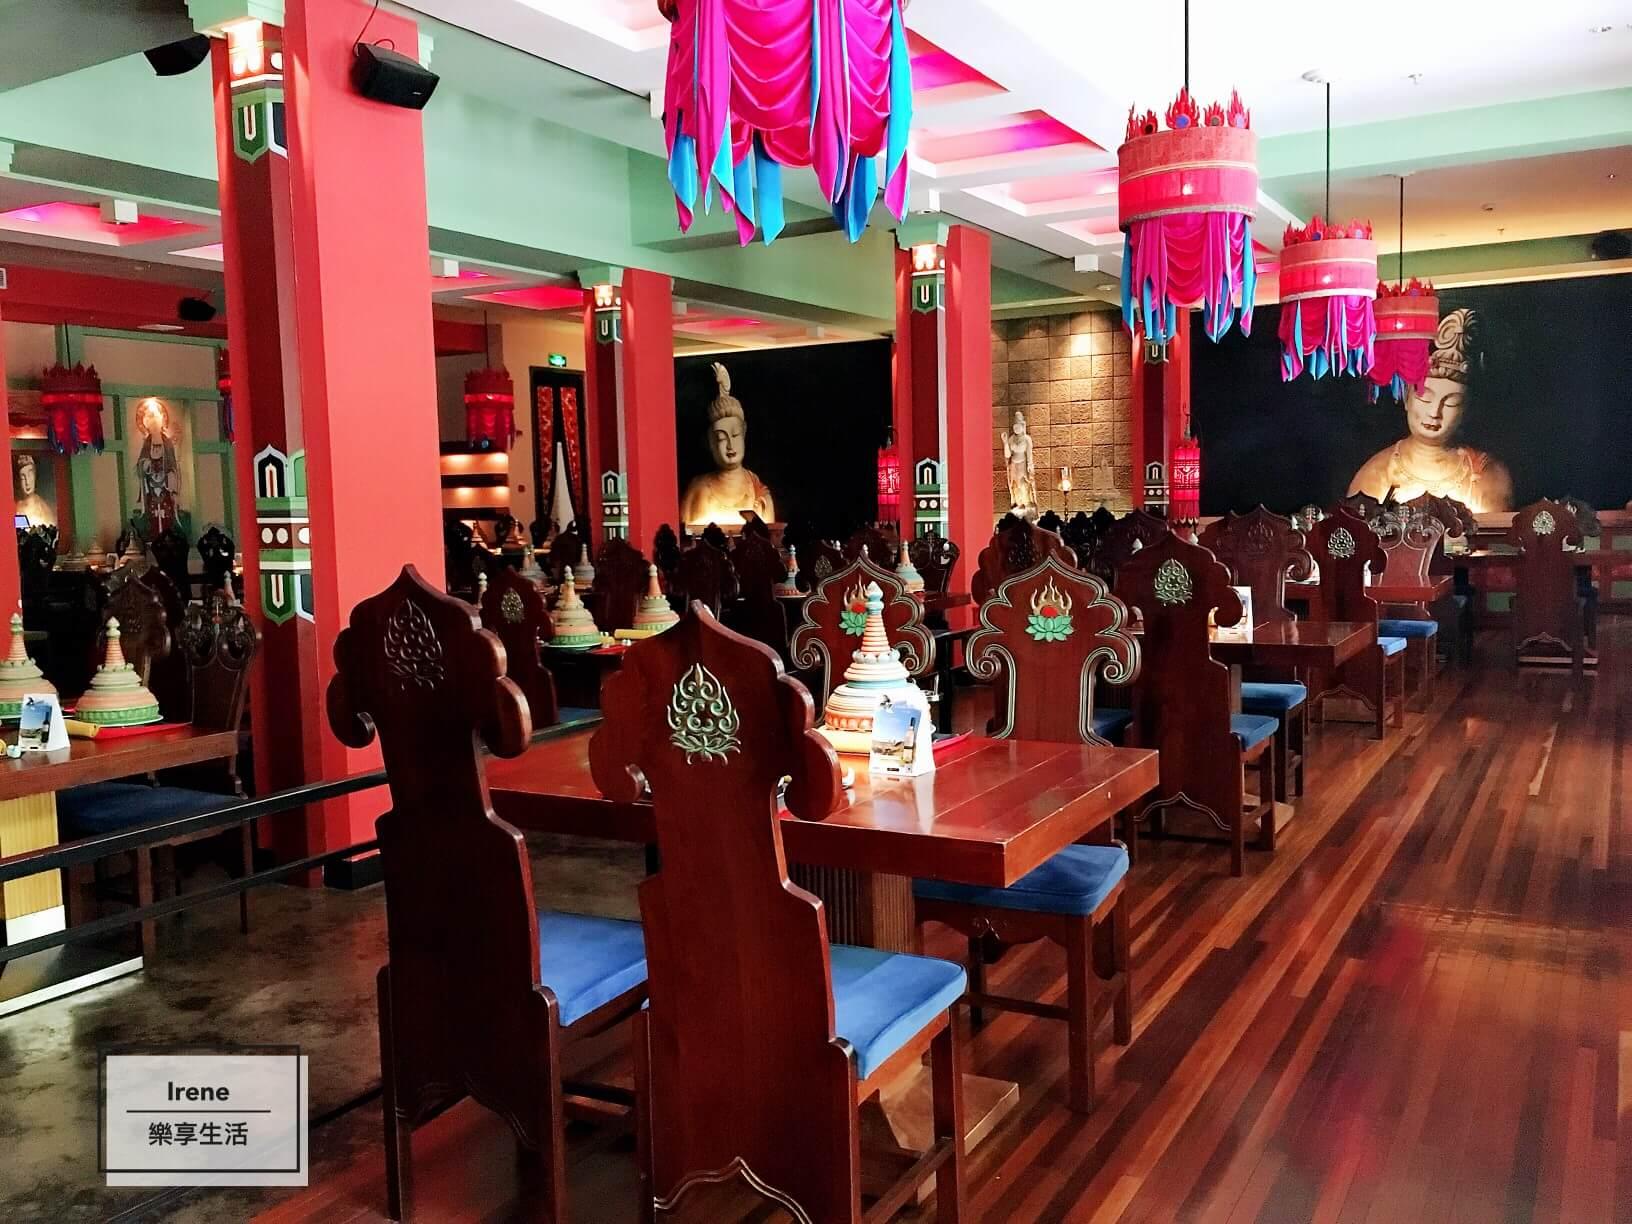 上海美食推薦-上海花馬天堂絲綢之路餐廳(Lost Heaven Silk Road)用餐區